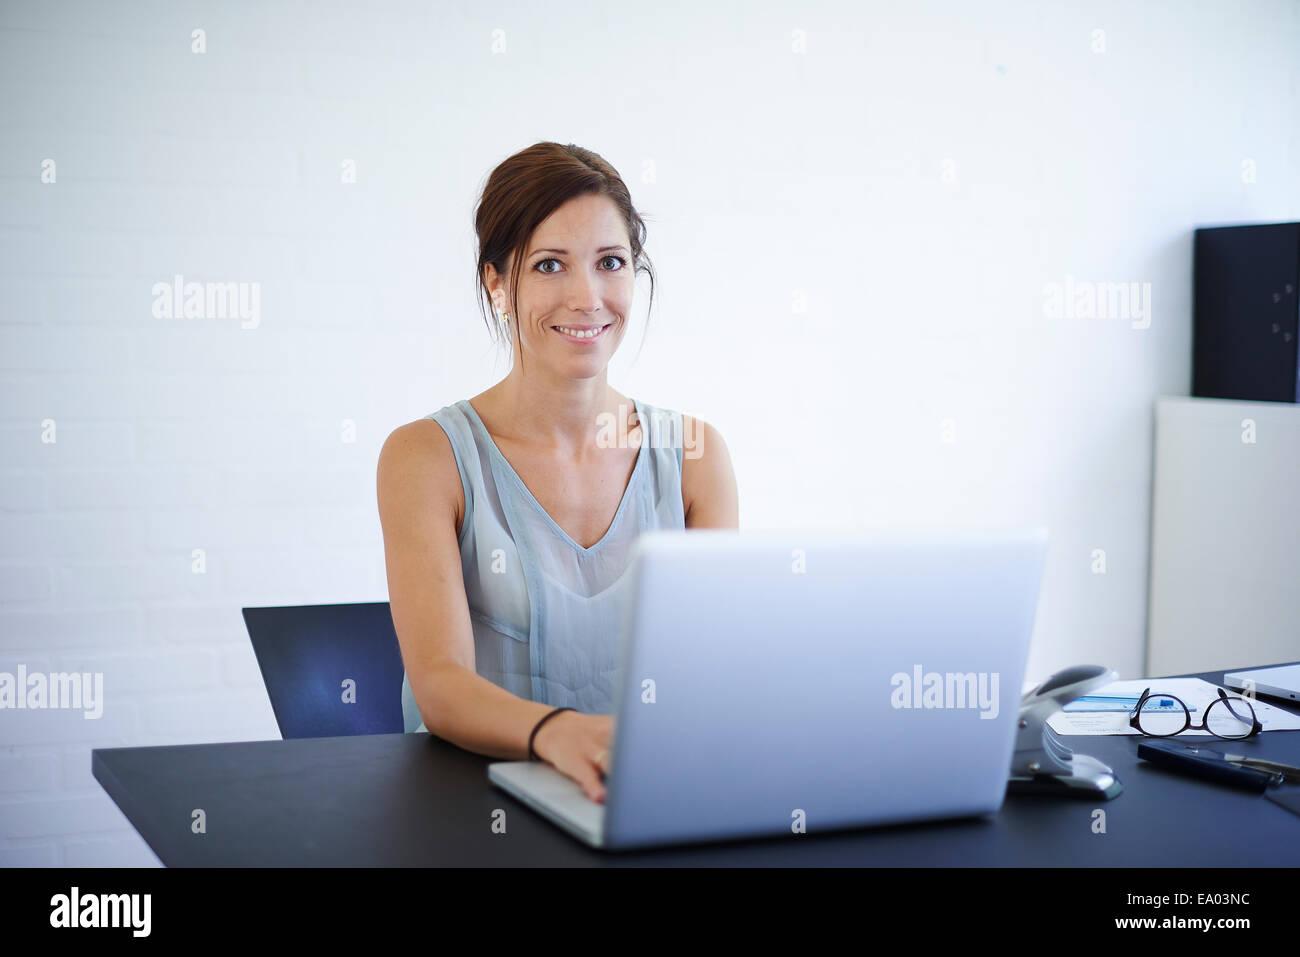 portr t mitte erwachsene frau an laptop von zu hause aus. Black Bedroom Furniture Sets. Home Design Ideas